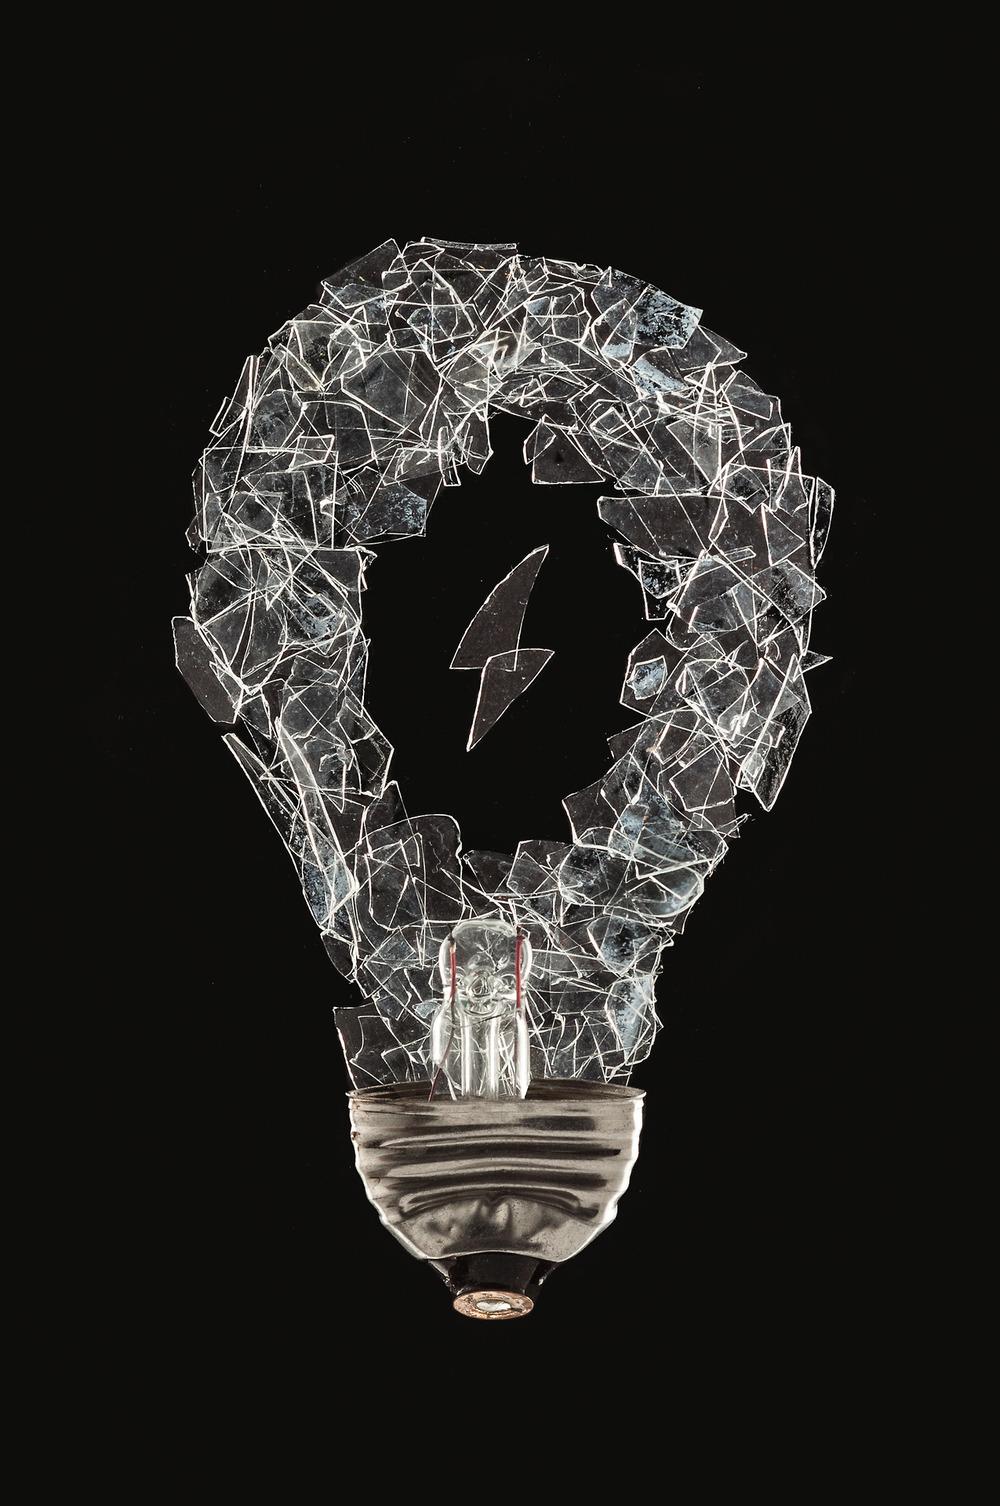 bohn_energy bulb.jpg